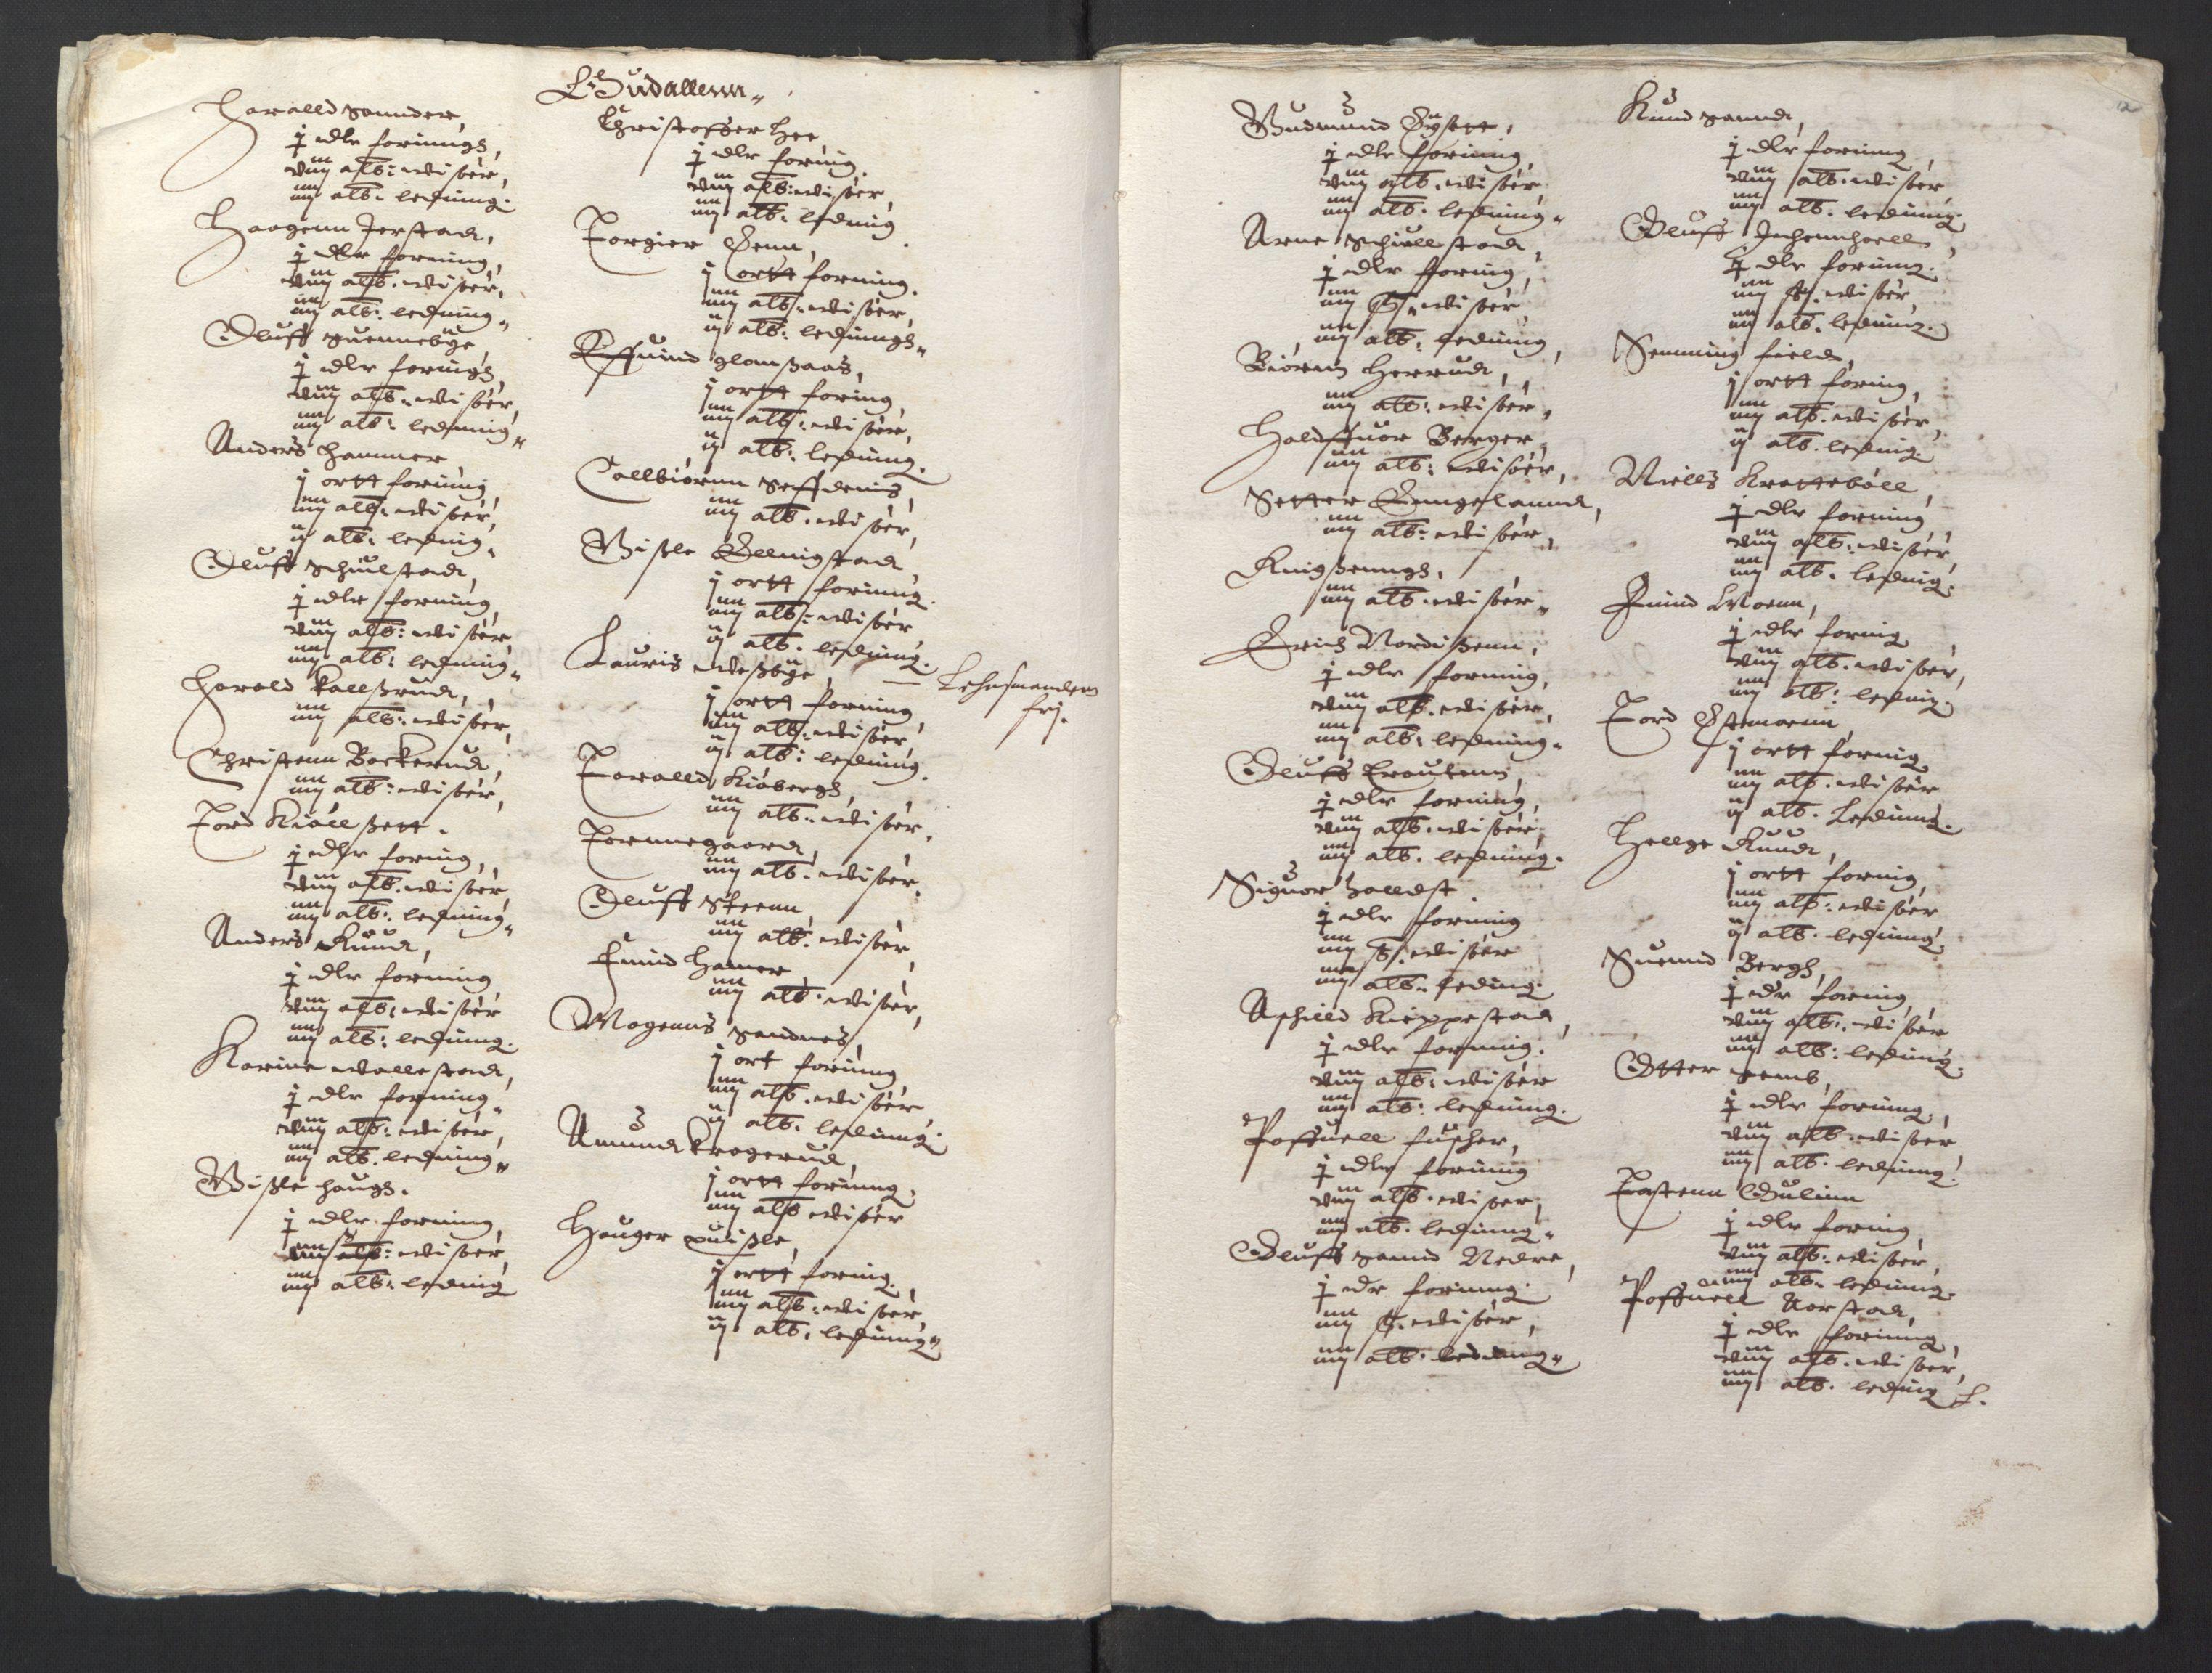 RA, Stattholderembetet 1572-1771, Ek/L0001: Jordebøker før 1624 og til utligning av garnisonsskatt 1624-1626:, 1624-1625, s. 109